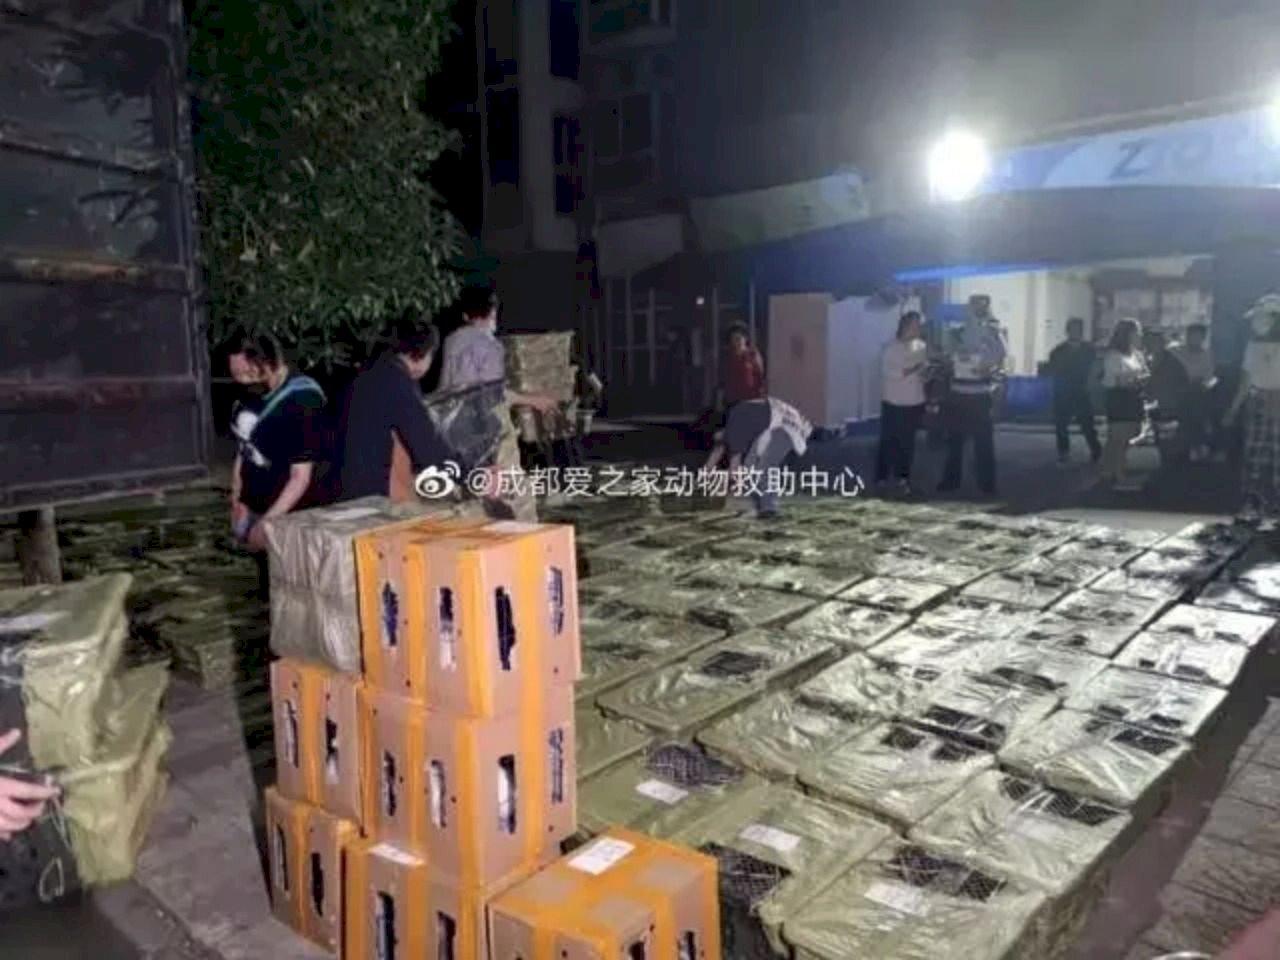 背離人性!中國業者賣「寵物盲盒」引眾怒